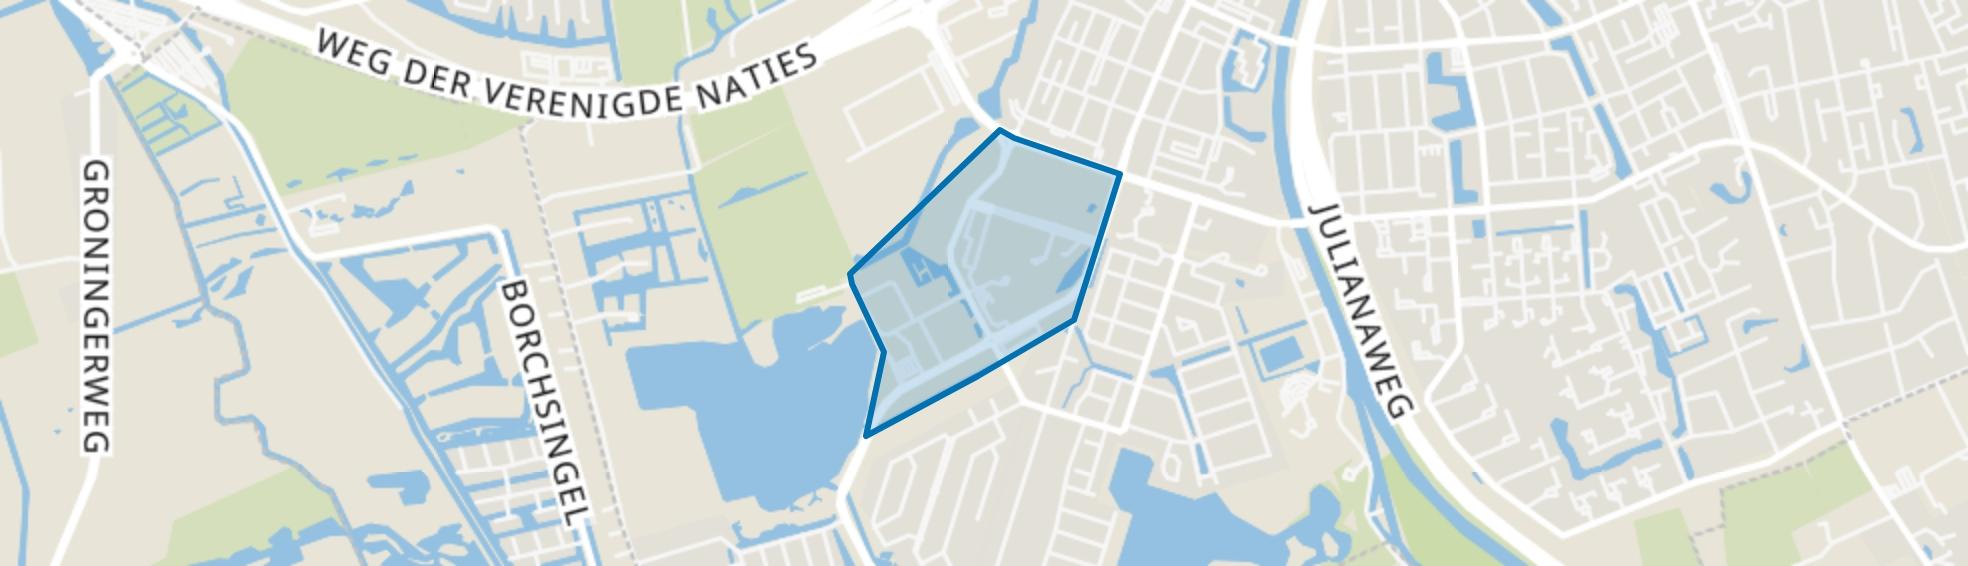 Van Swieten, Groningen map